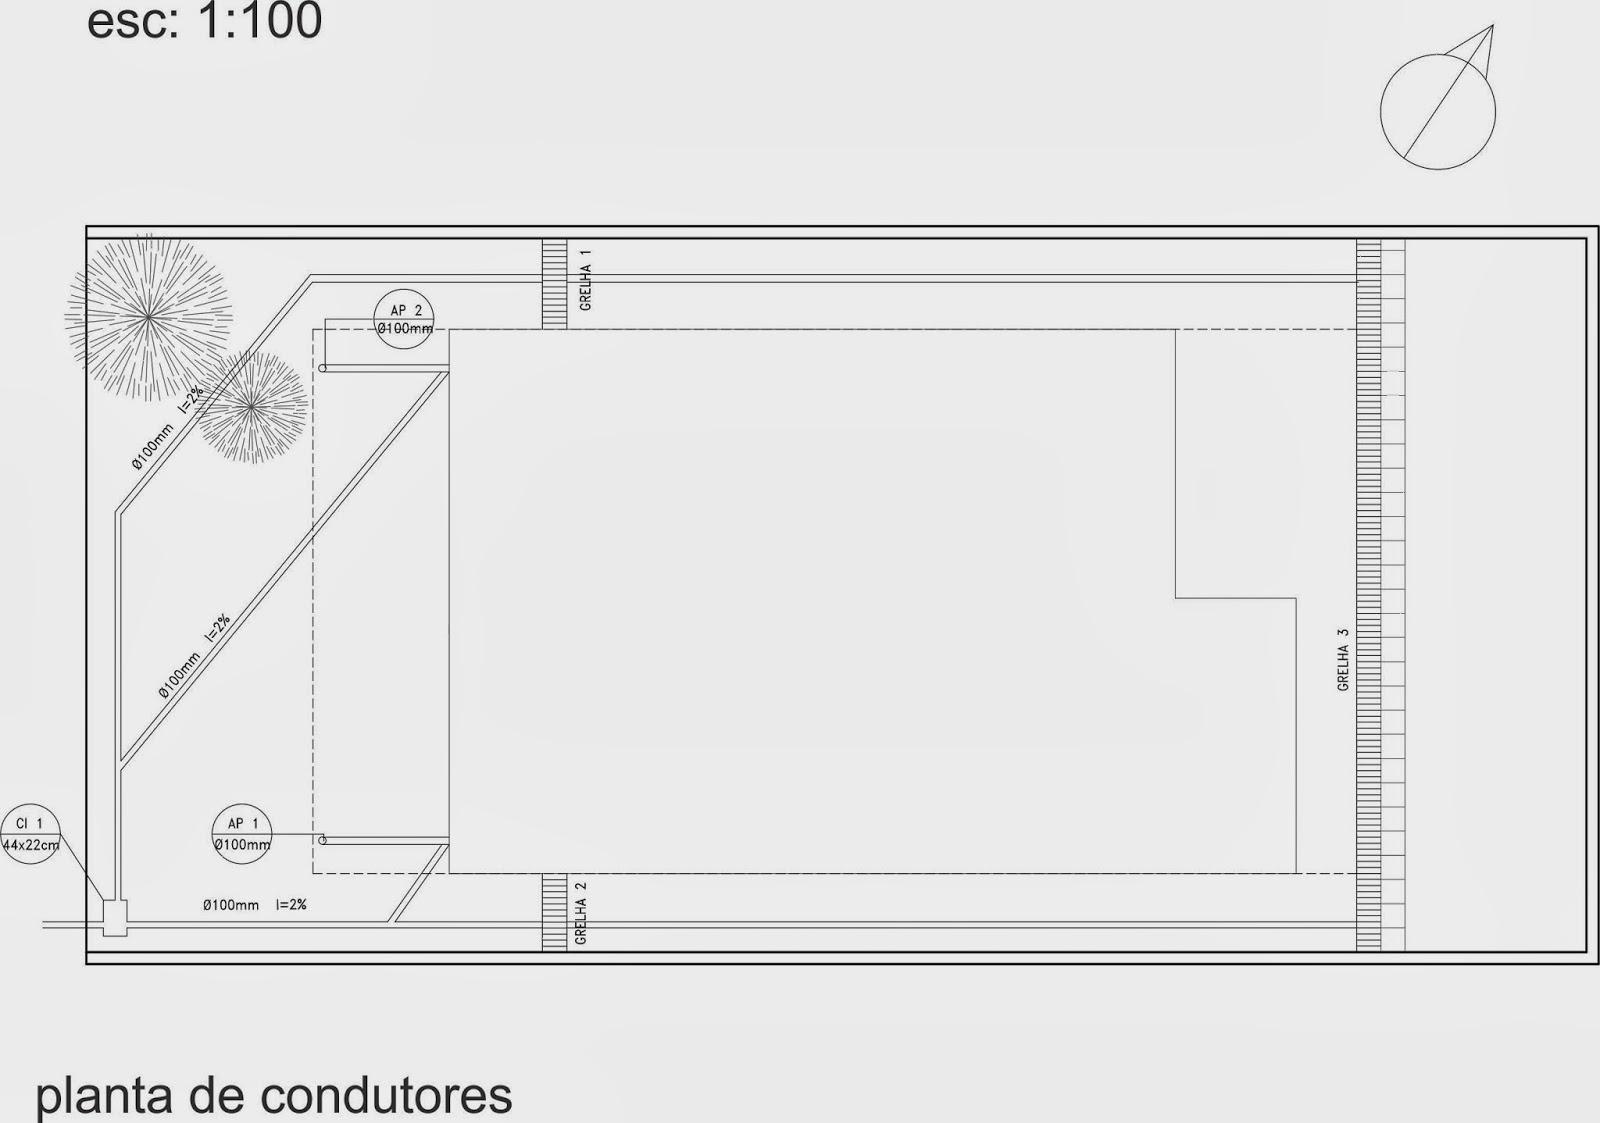 Pellegrino : Projeto de instalações hidráulicas para residência #494848 1600 1123